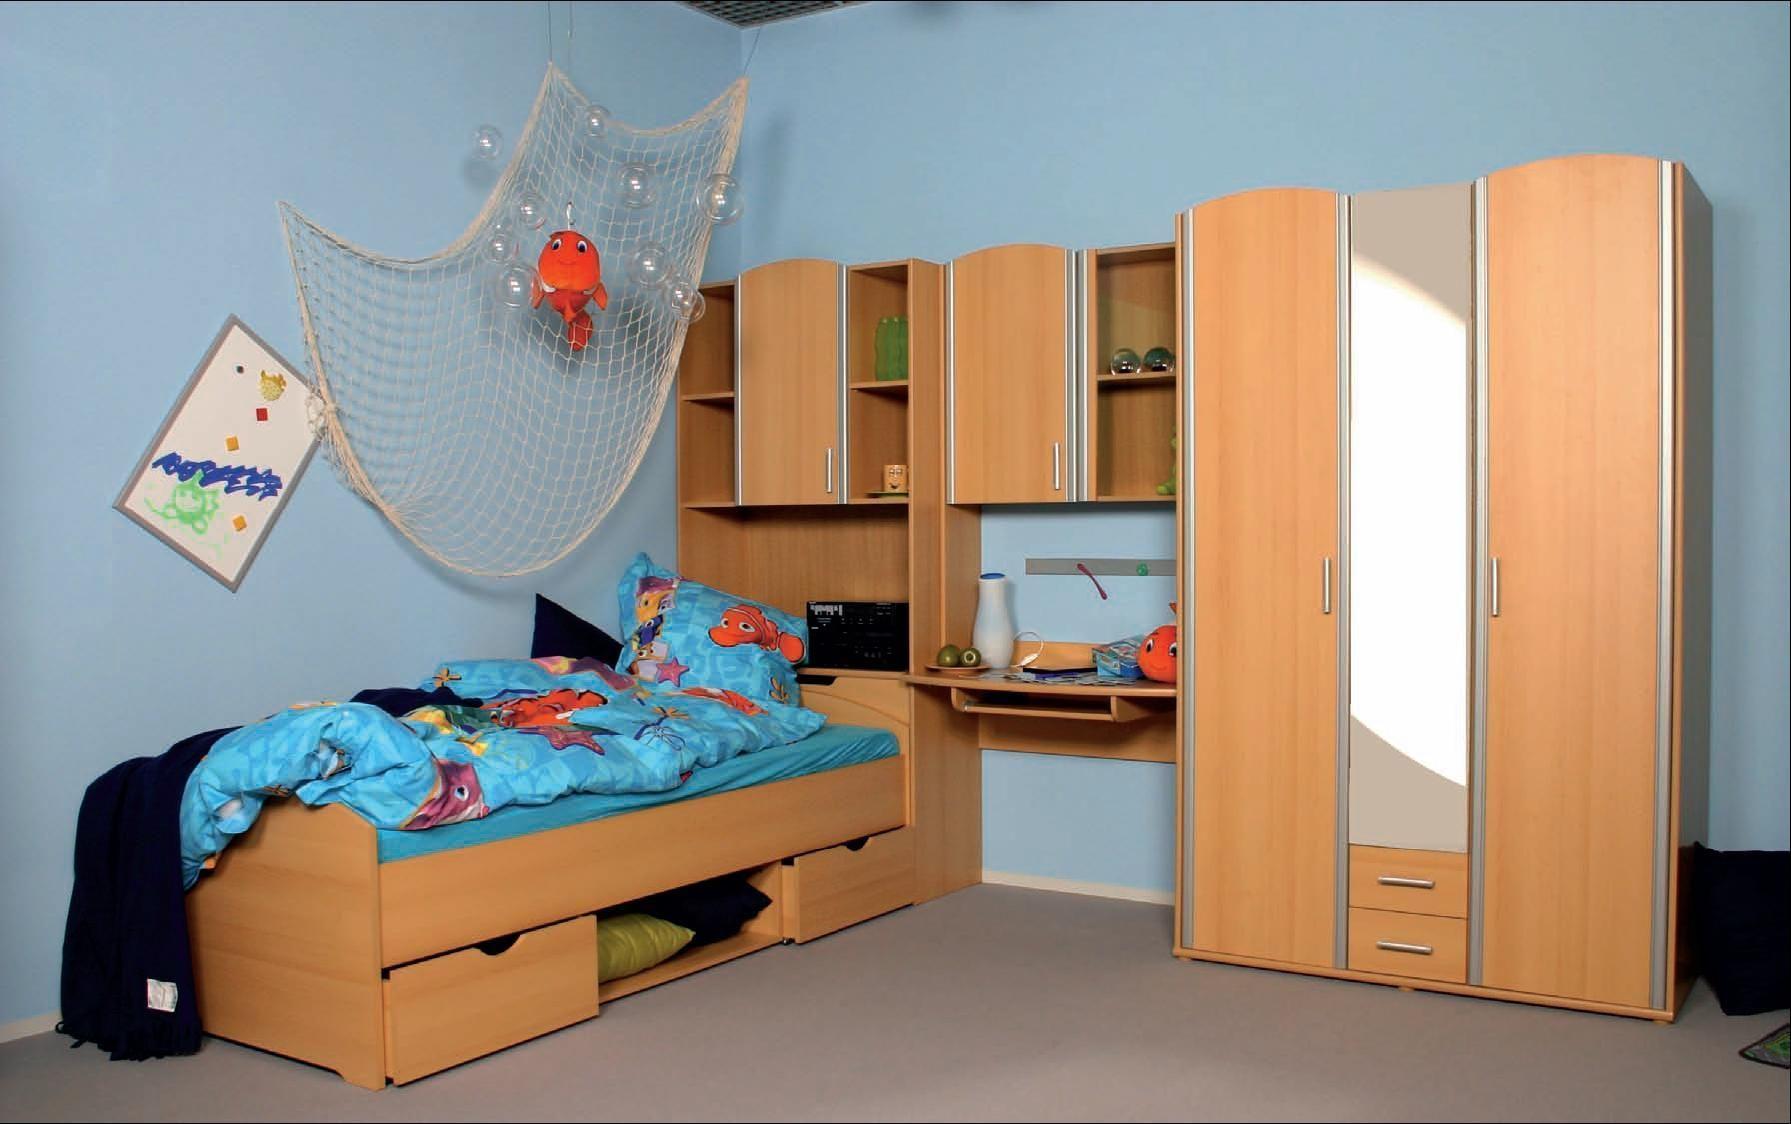 Kinder Schlafzimmer Möbel Sets Kinder Betten Mit Speicher ...